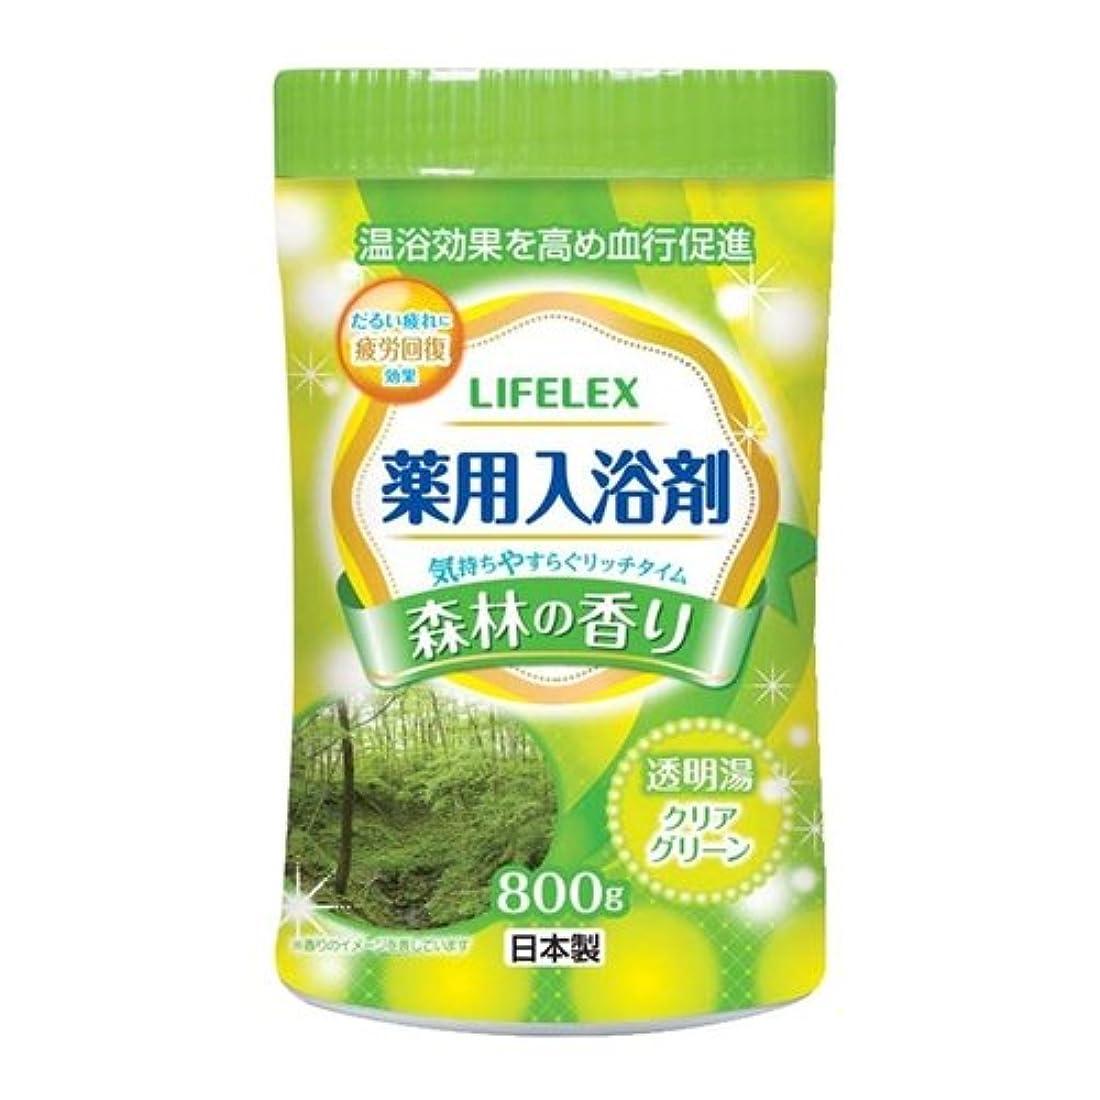 かみそり嘆く道徳コーナンオリジナル 薬用入浴剤 森林の香り 800g